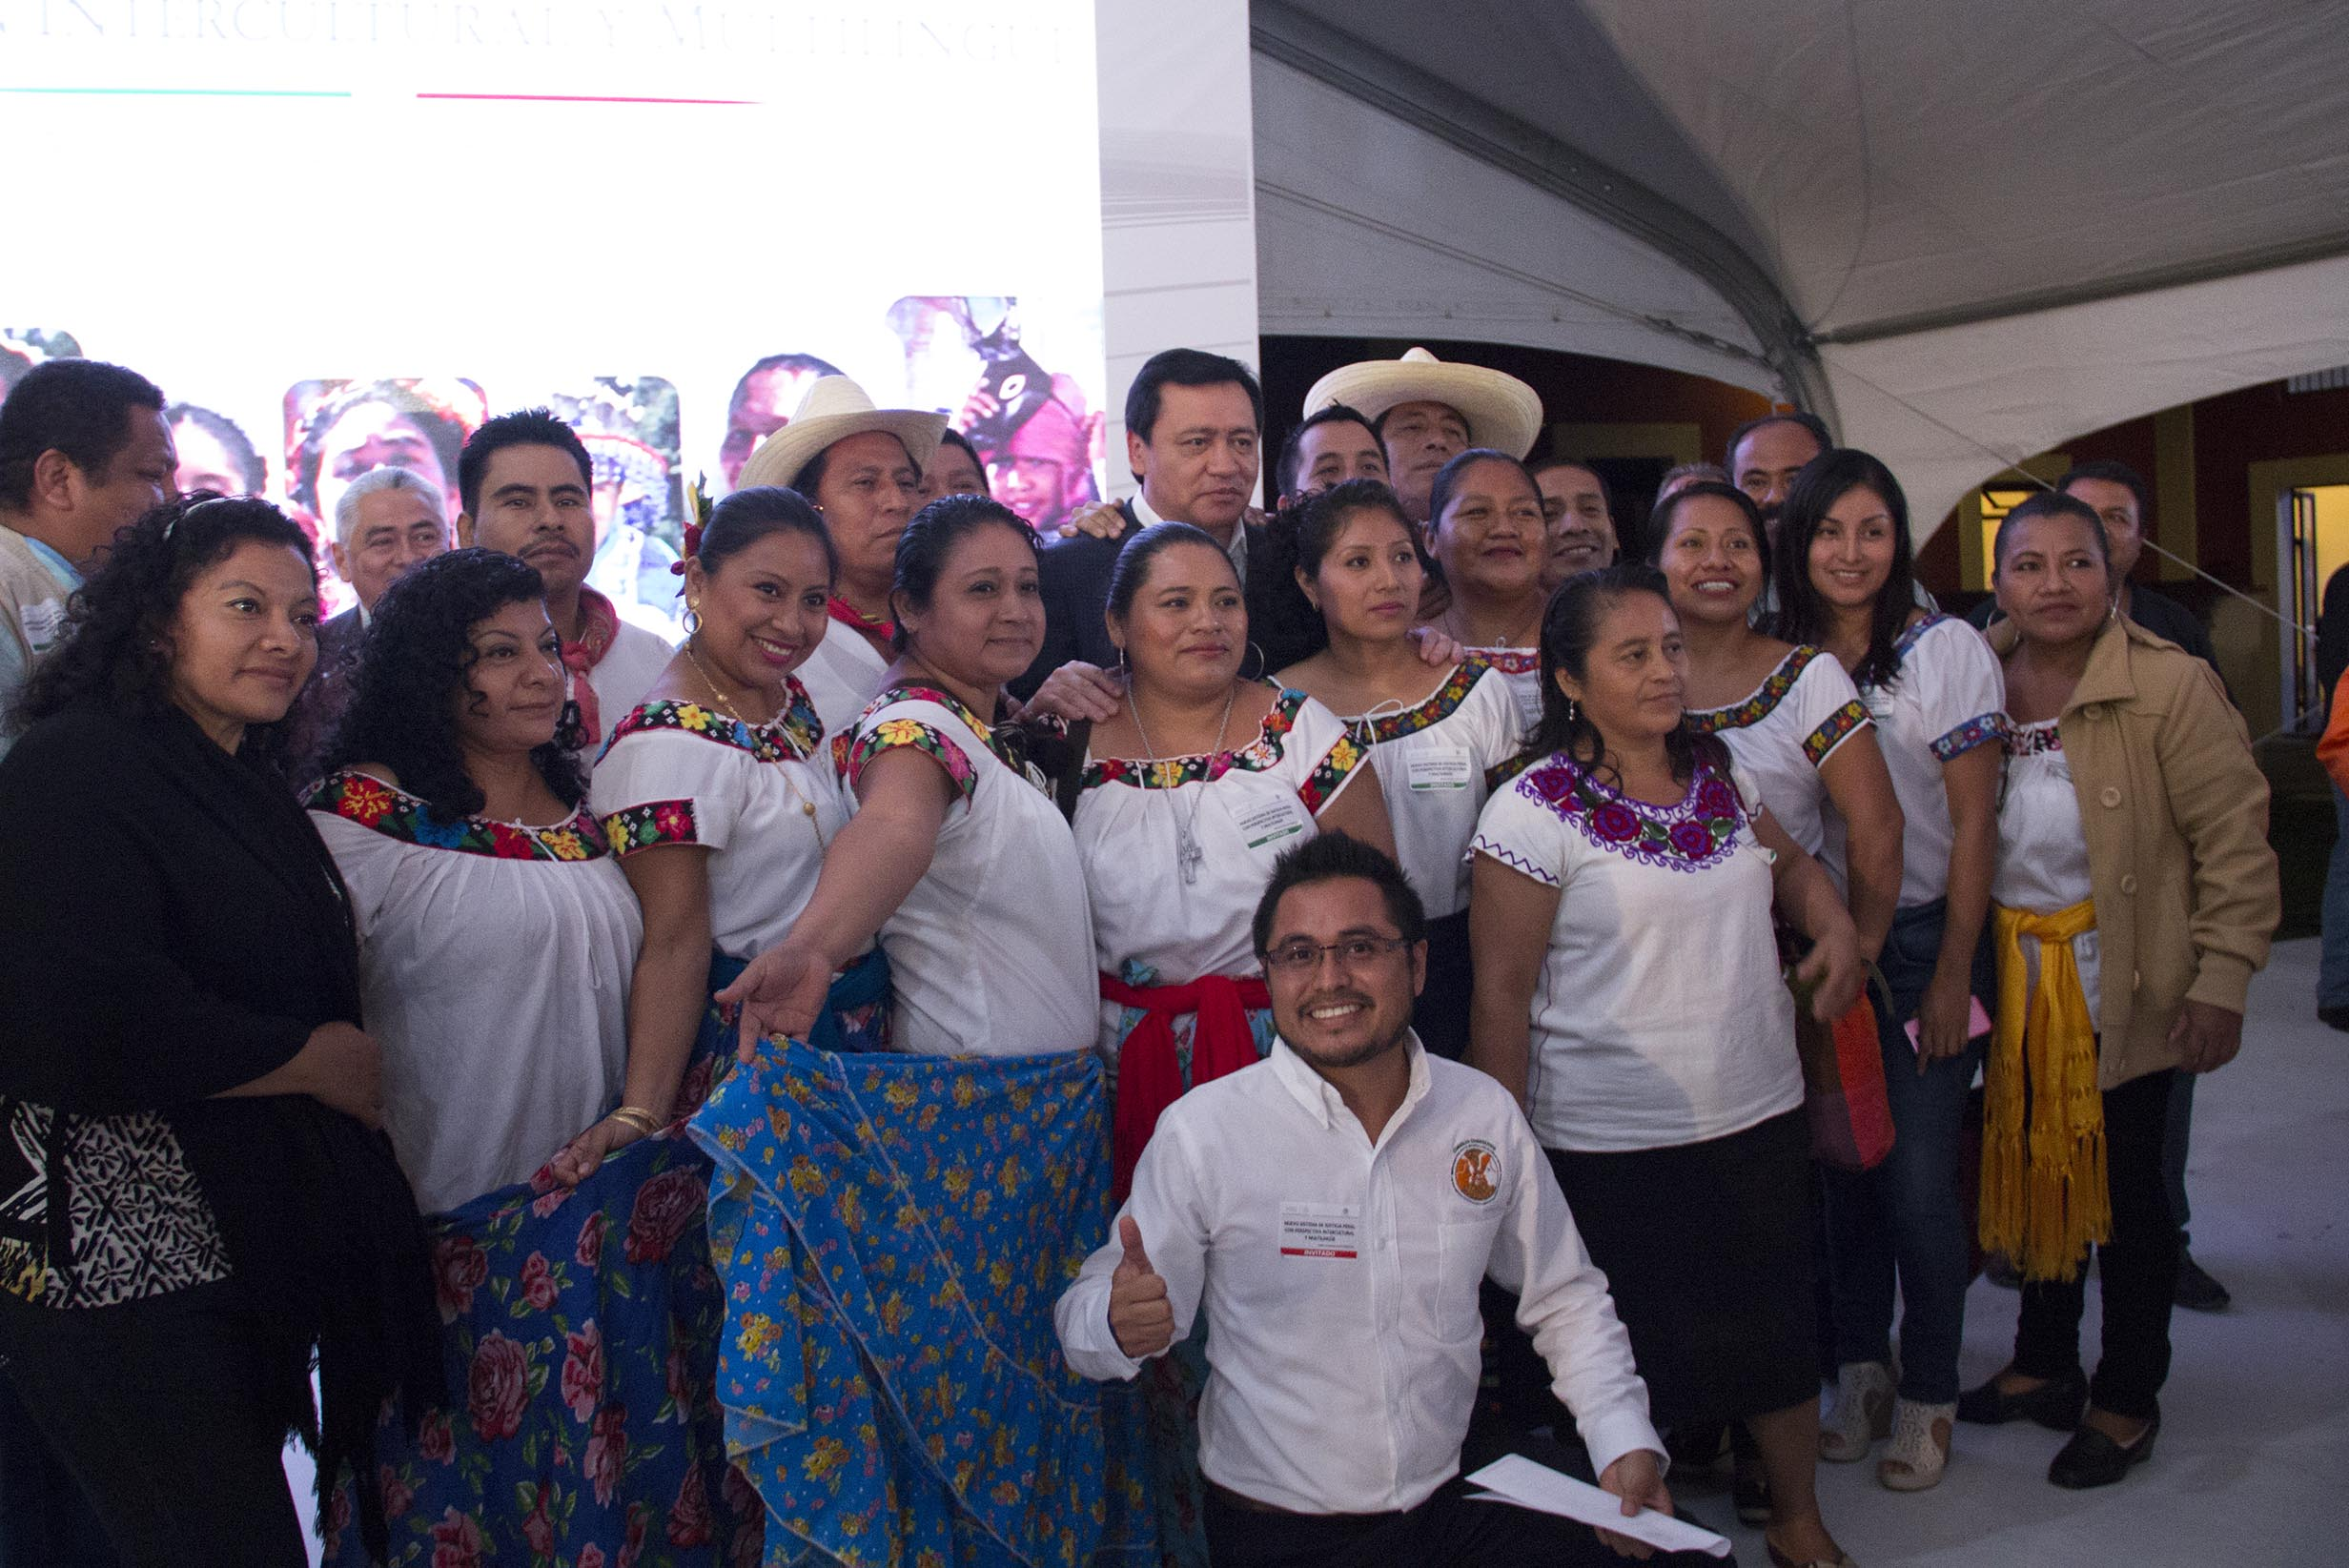 El Secretario de Gobernación, Miguel Ángel Osorio Chong, durante la Firma de Convenio para la Implementación del Nuevo Sistema de Justicia Penal con Visión Intercultural y Multilingüe en Puebla